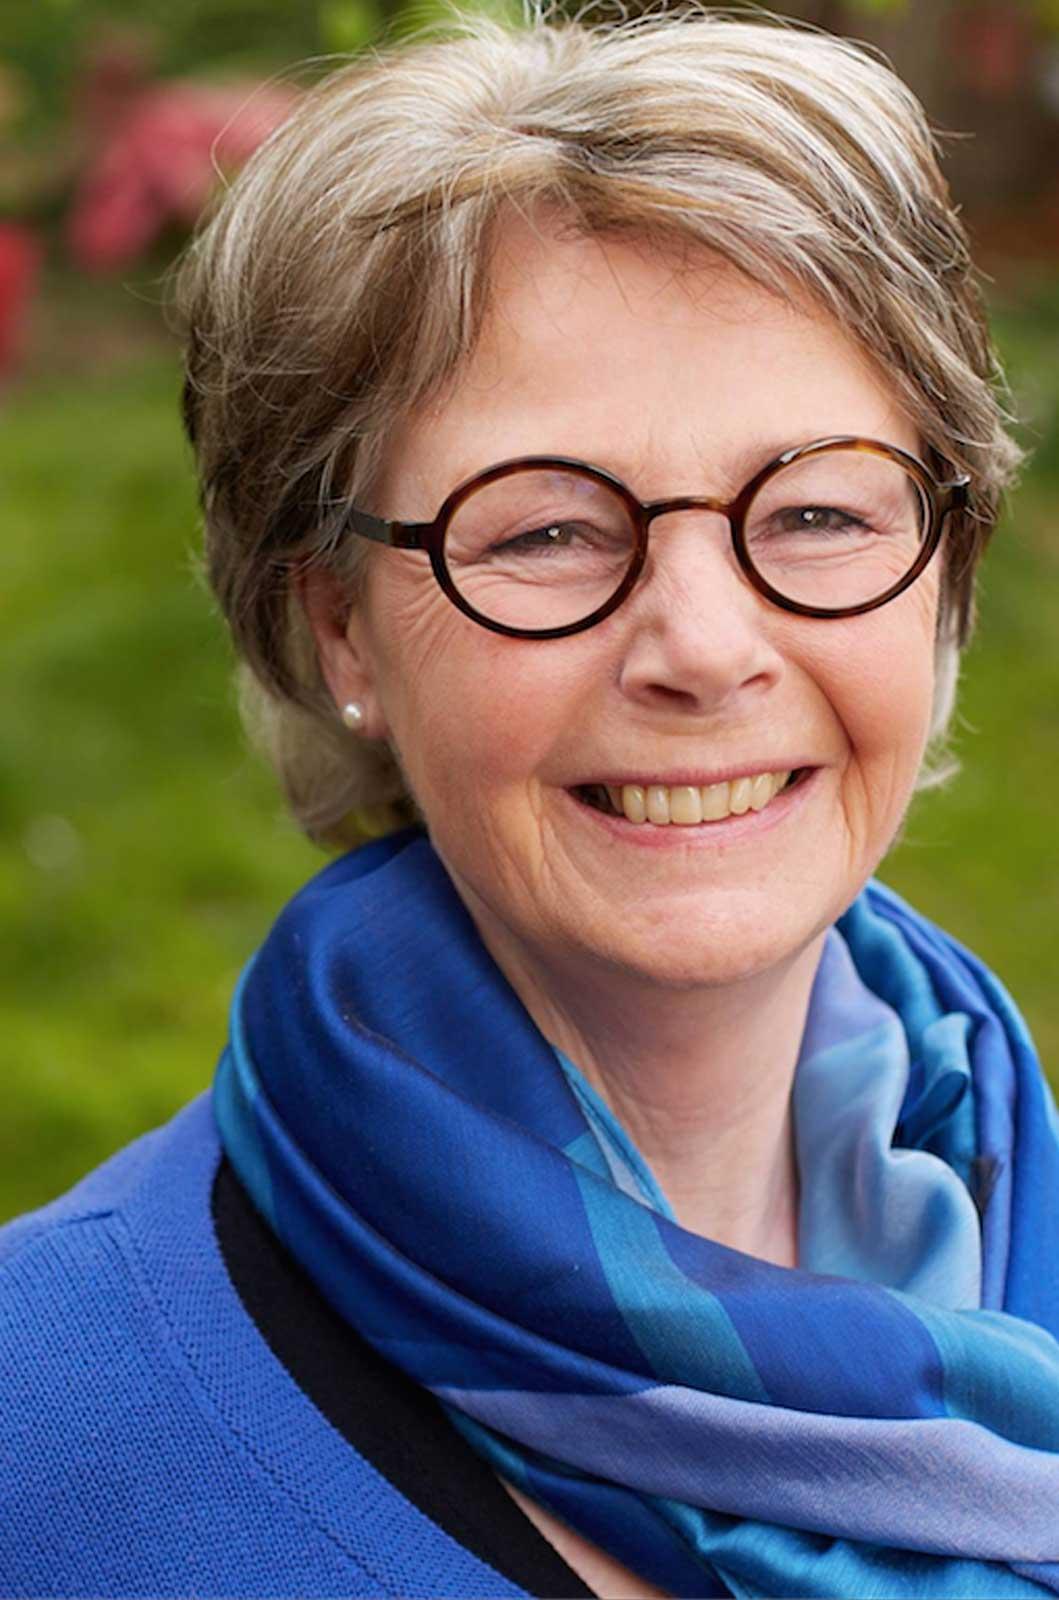 Karina Zegers de Beijl en el Congreso sobre Alta Sensibilidad